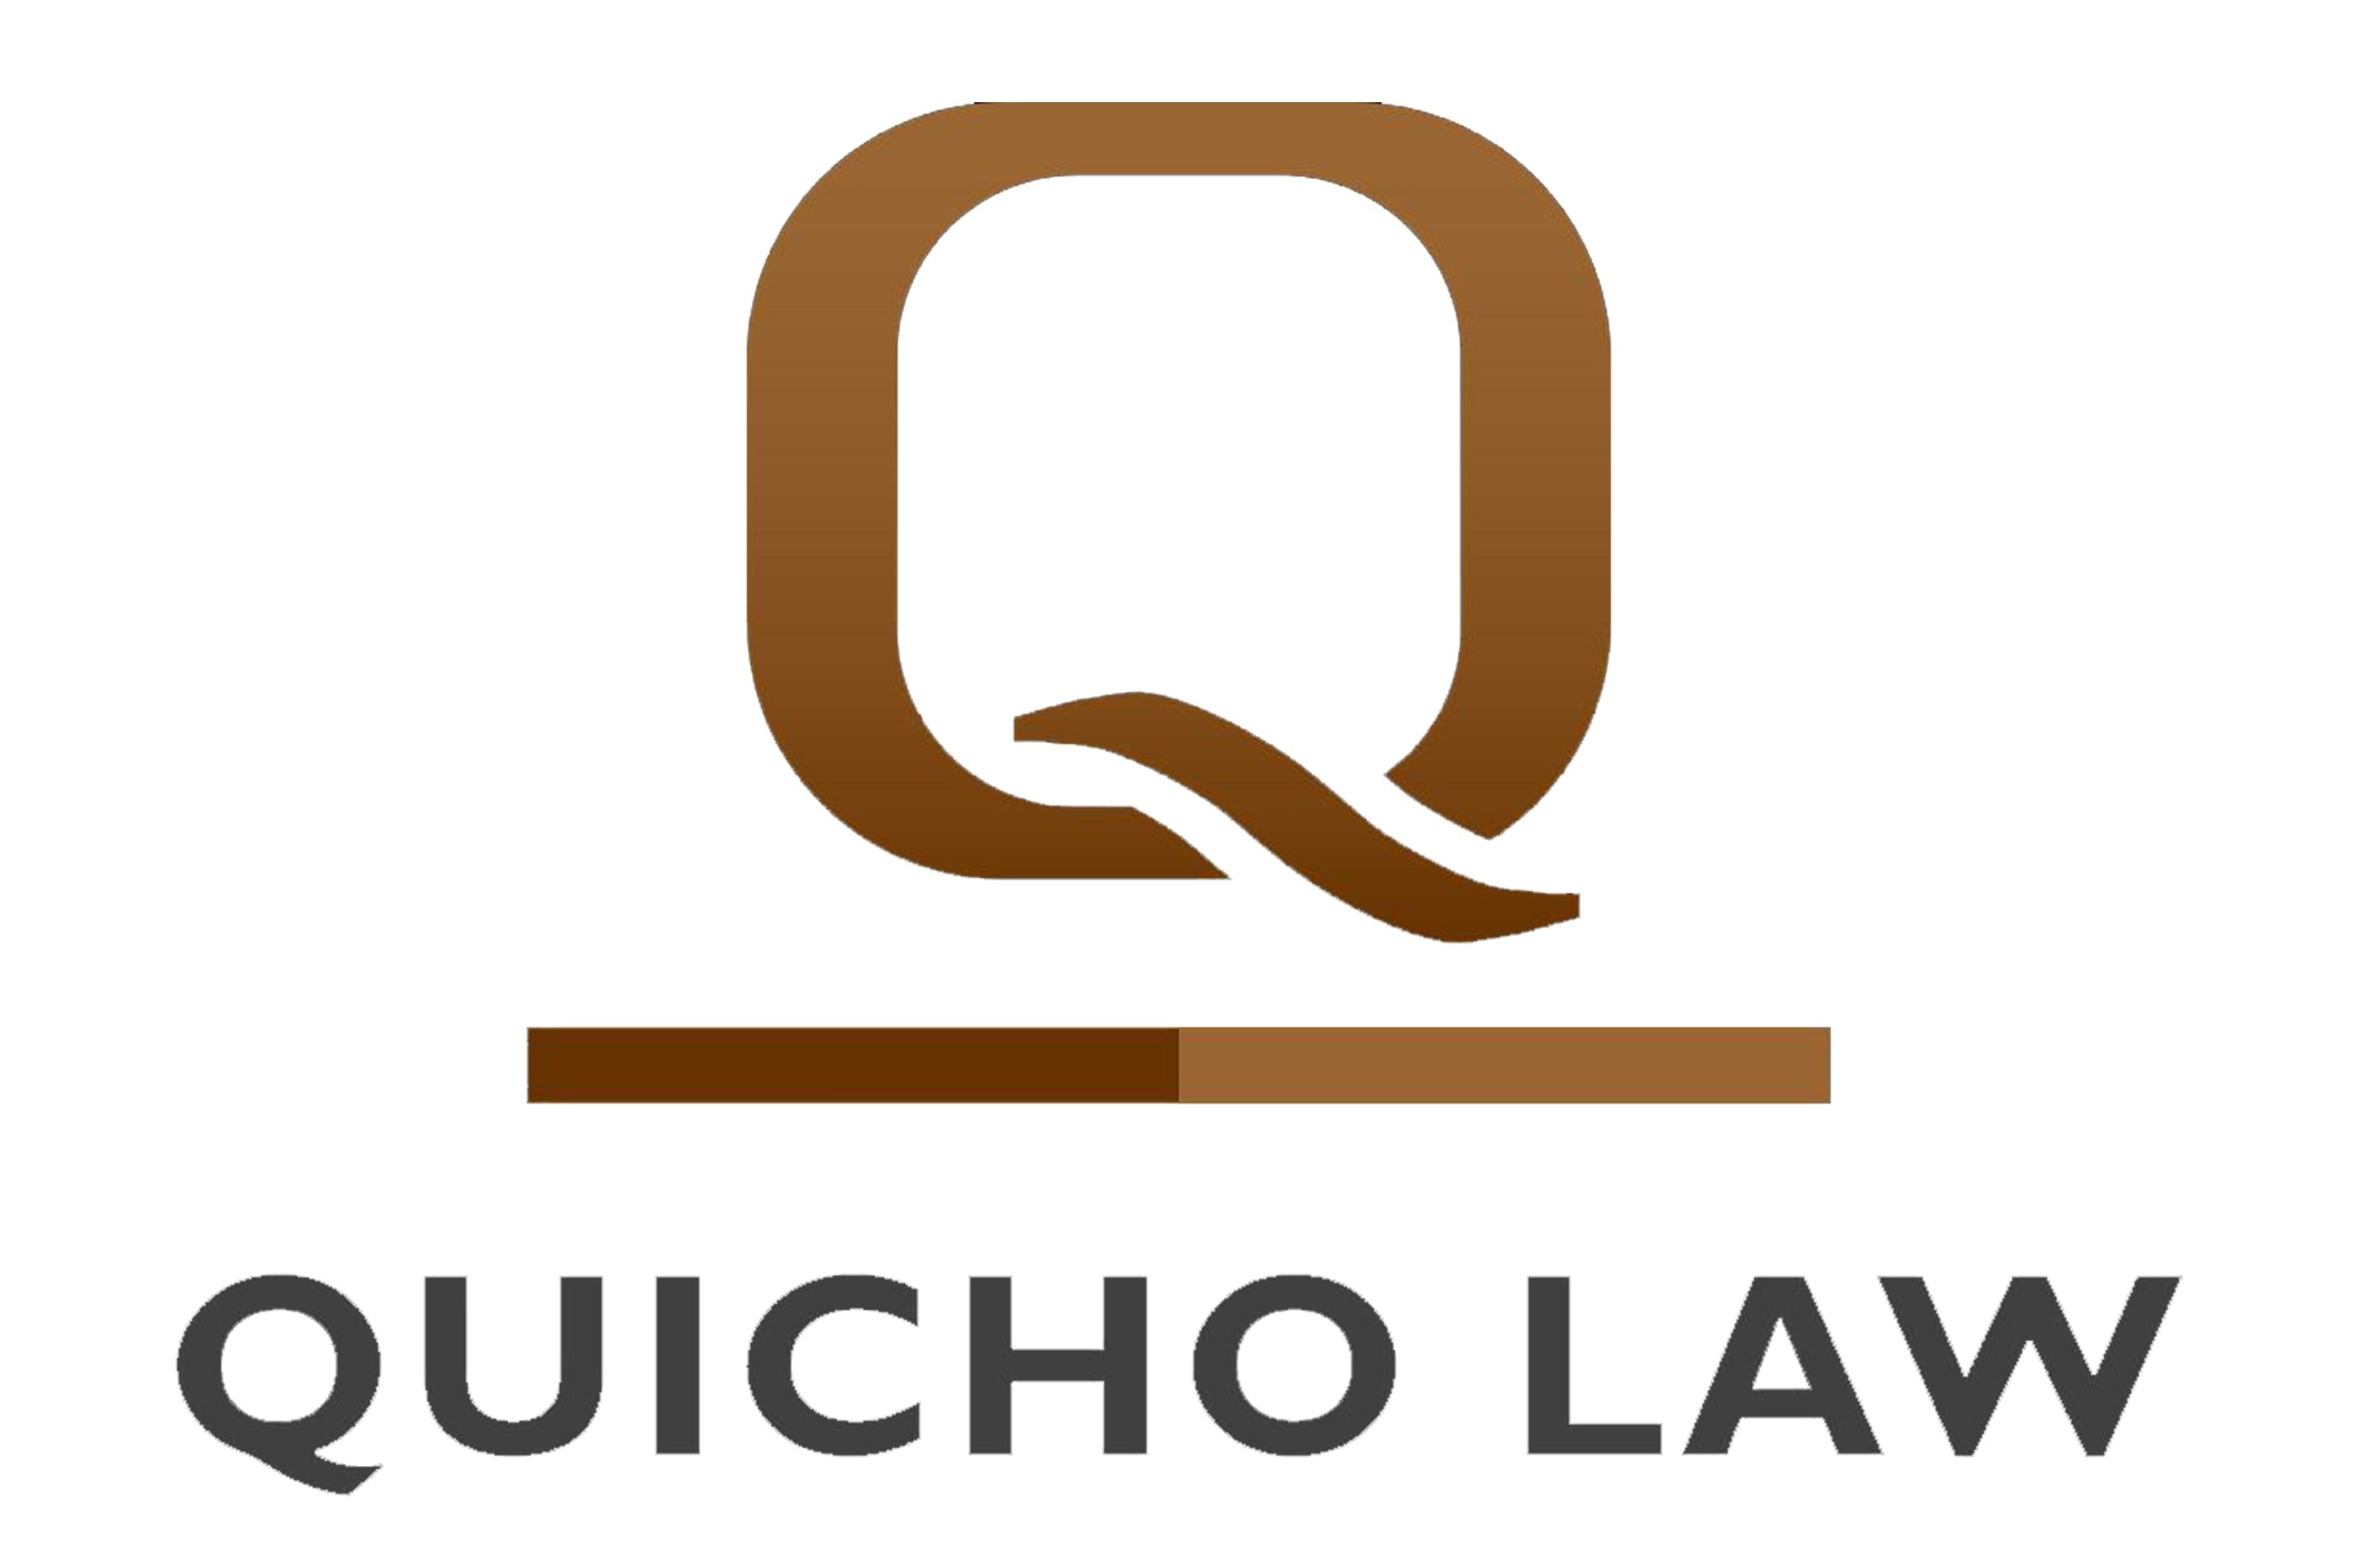 Quicho Law